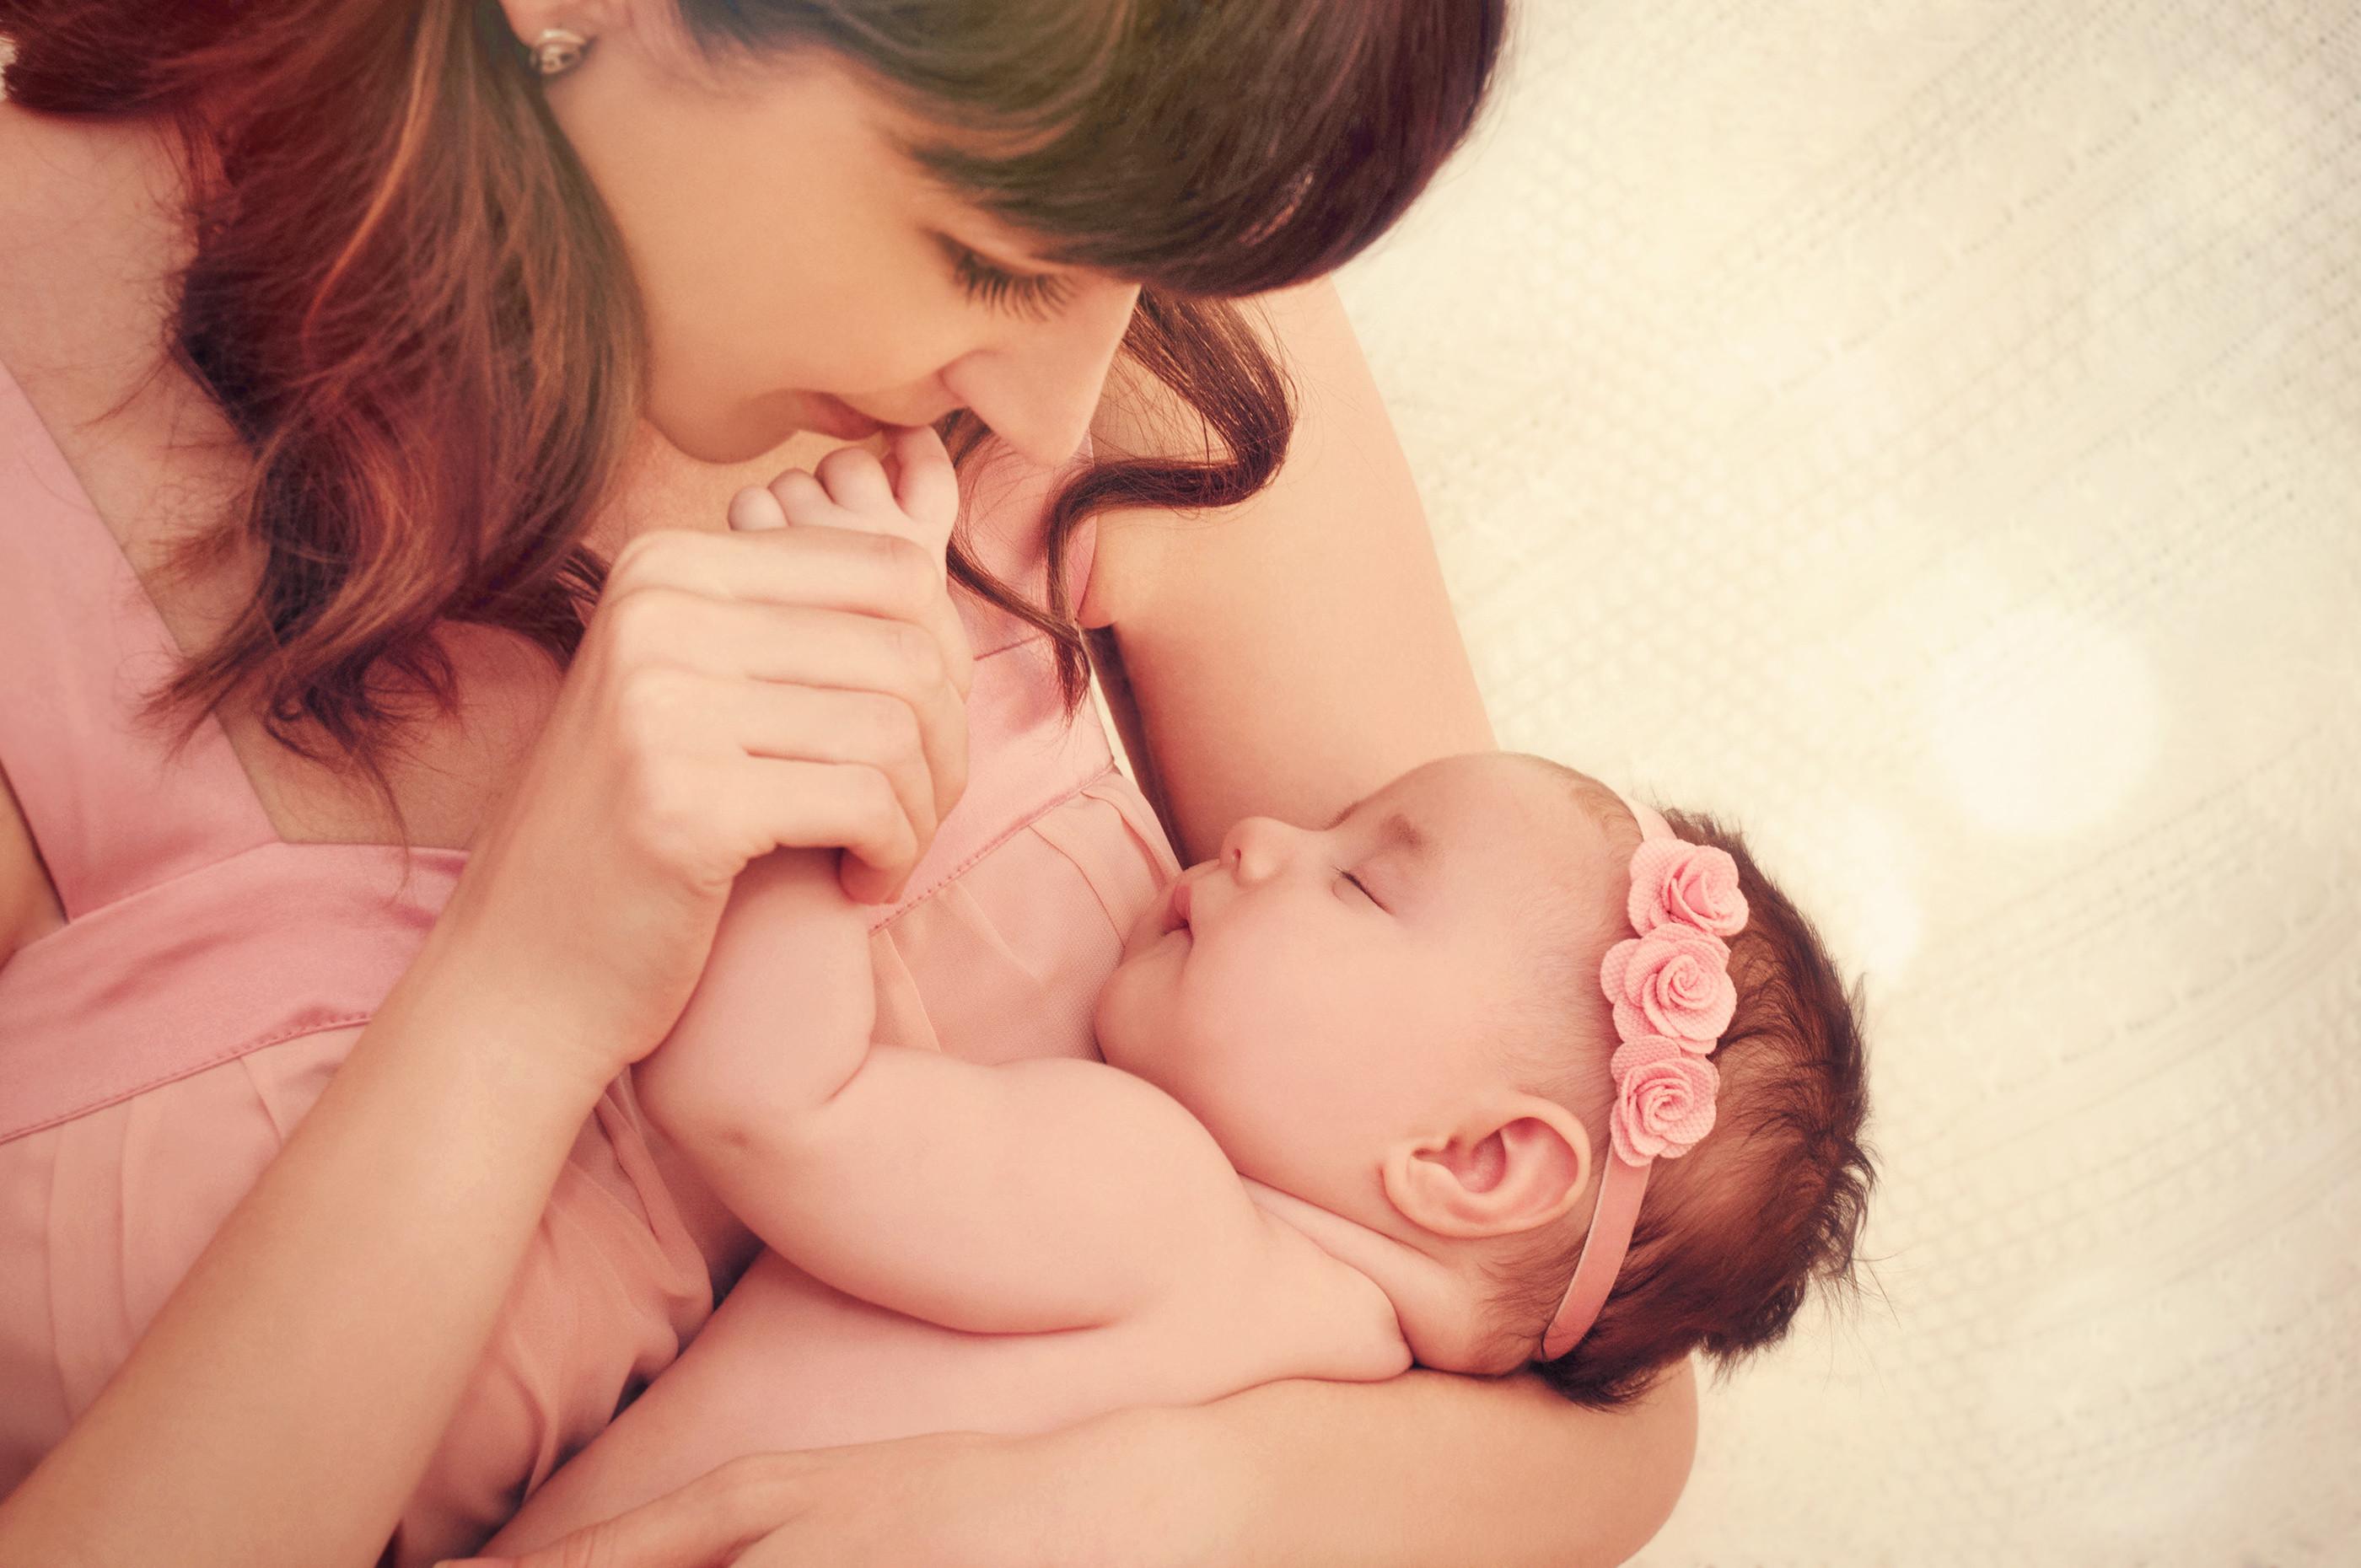 Картинки с младенцем на руках